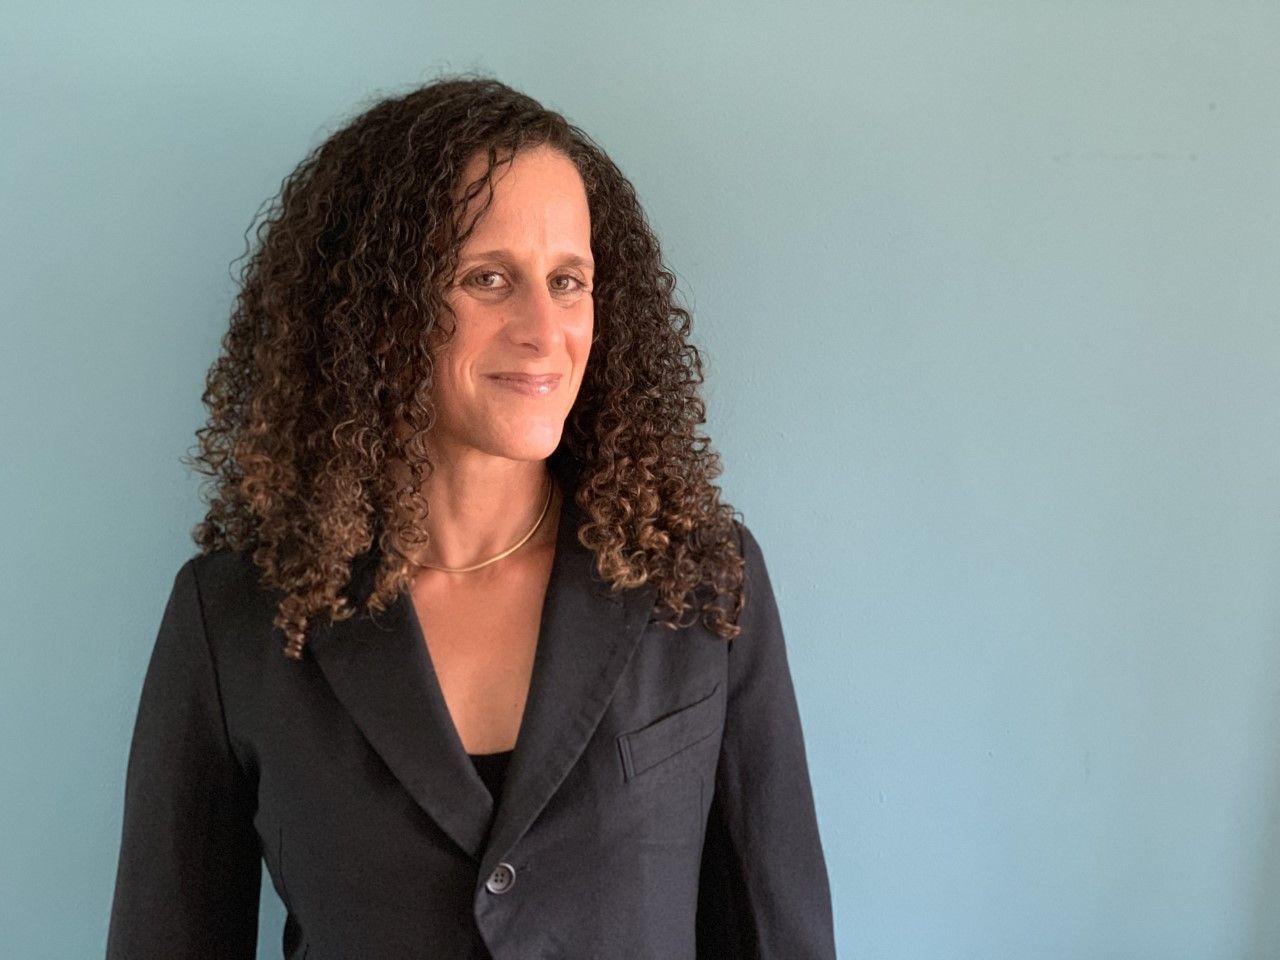 Professor Sarah Abrevaya Stein